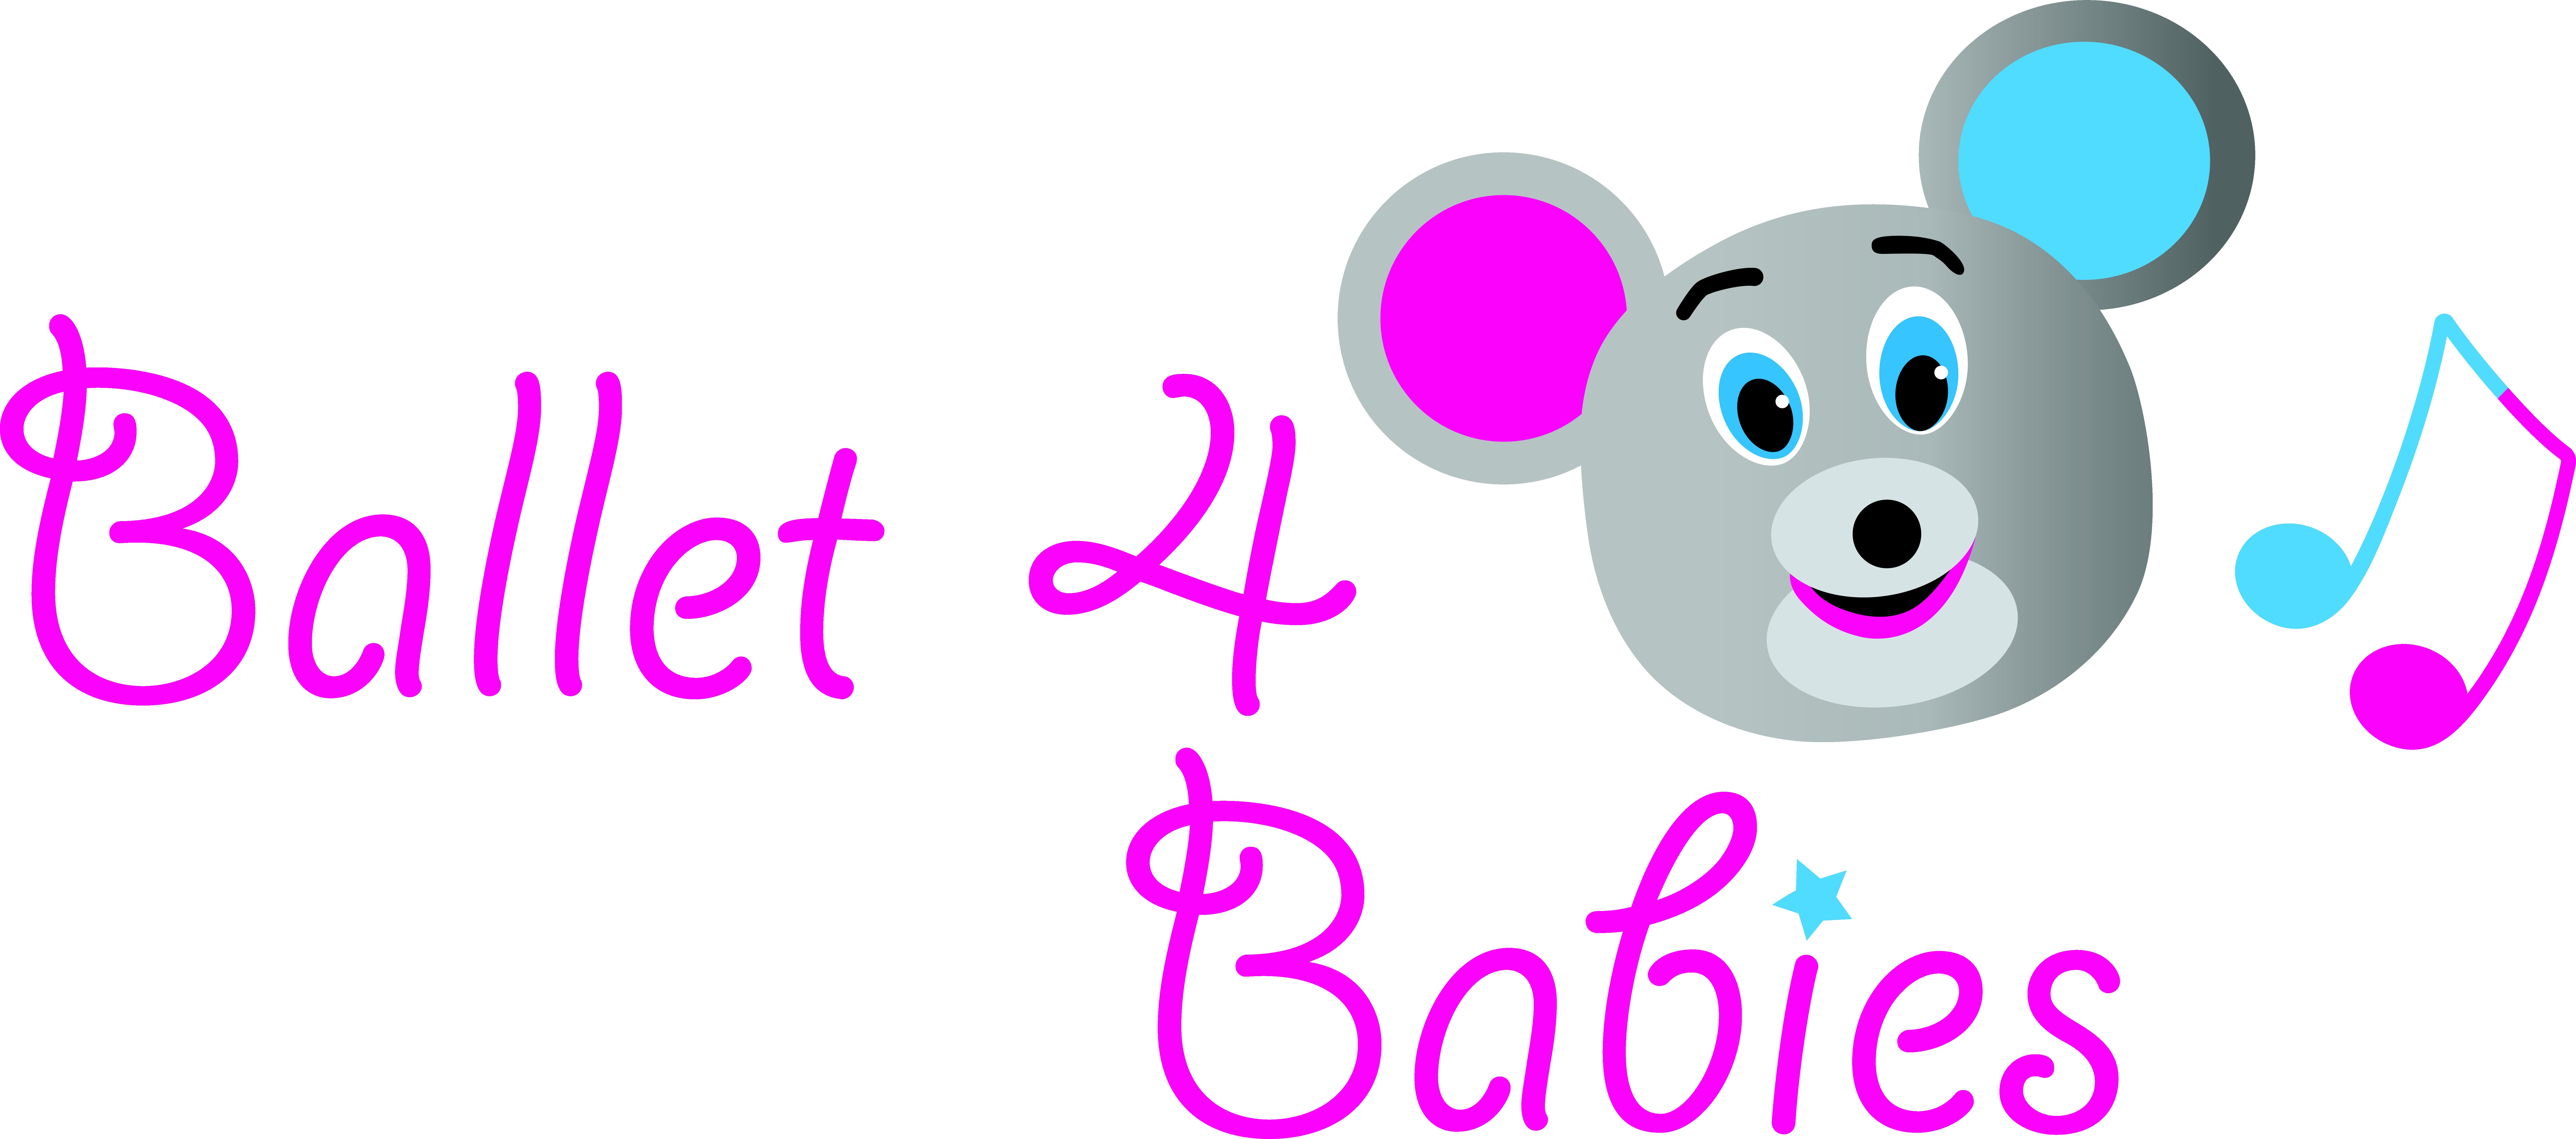 Ballet4babies